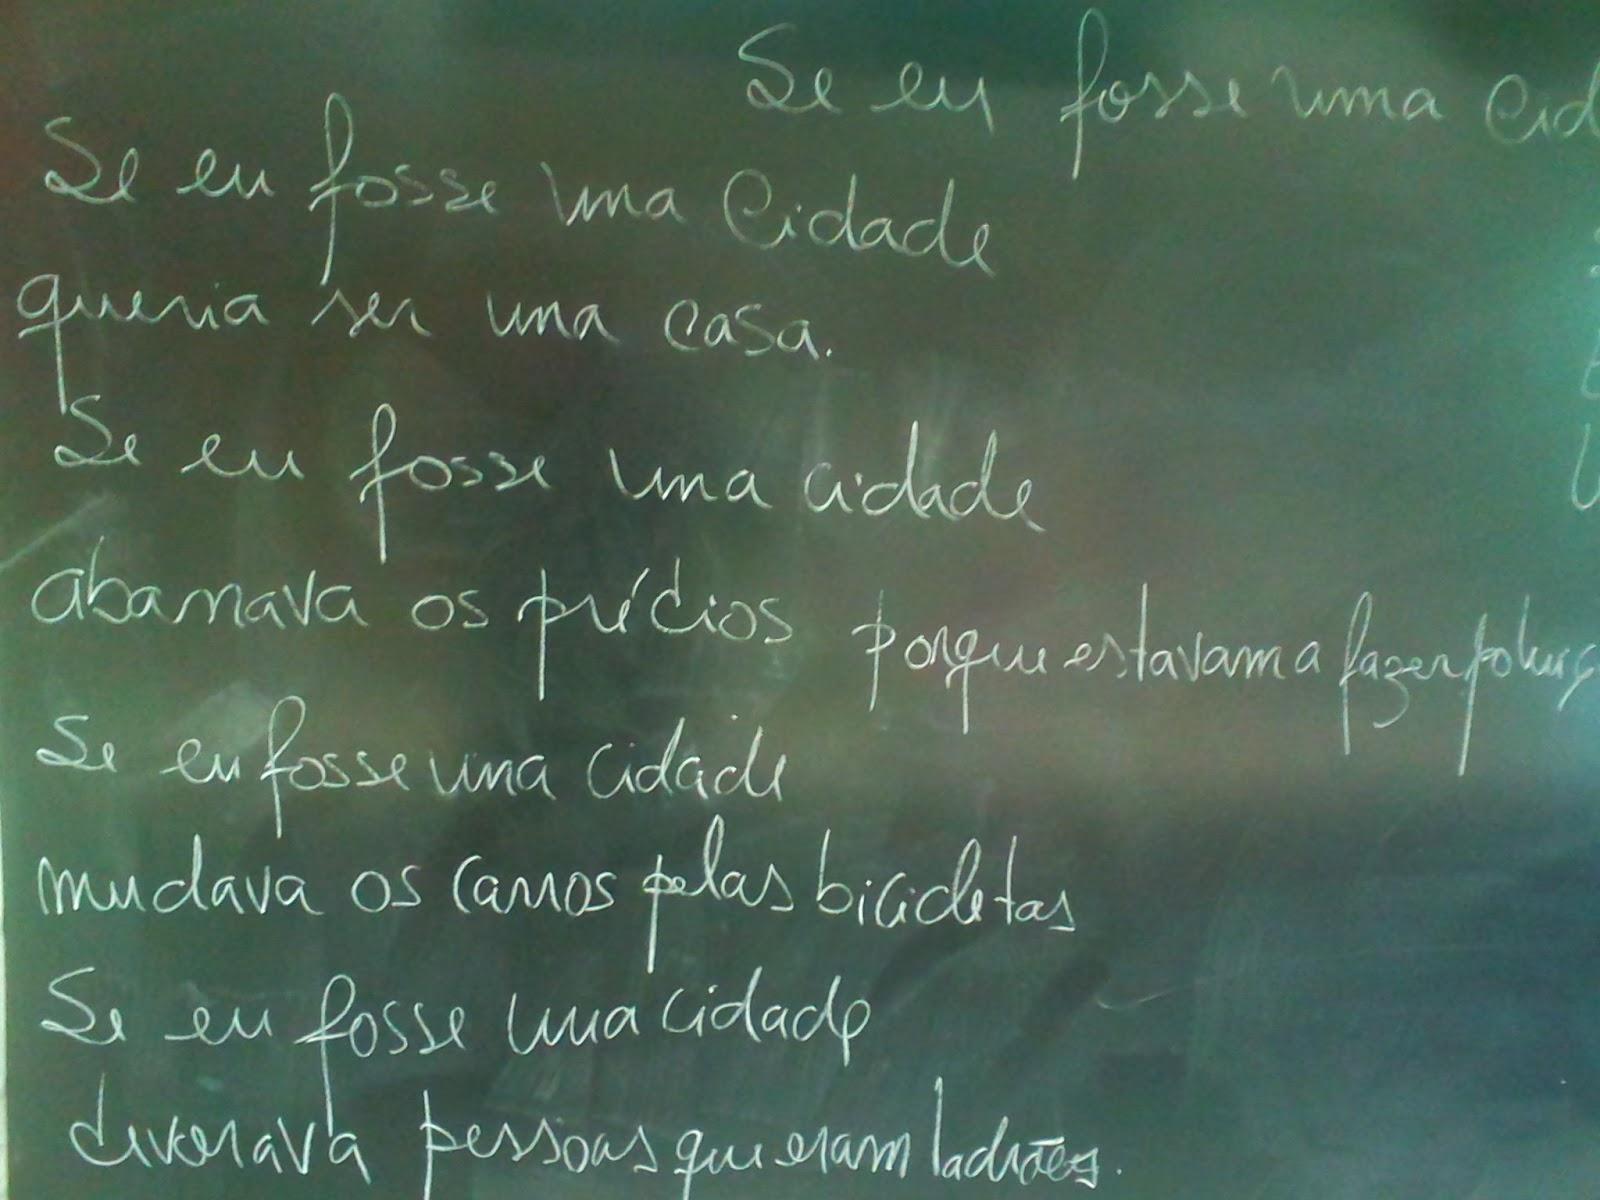 http://www.4shared.com/file/gdyw-xq-ce/Cidade_daniel_e_diogo1.html